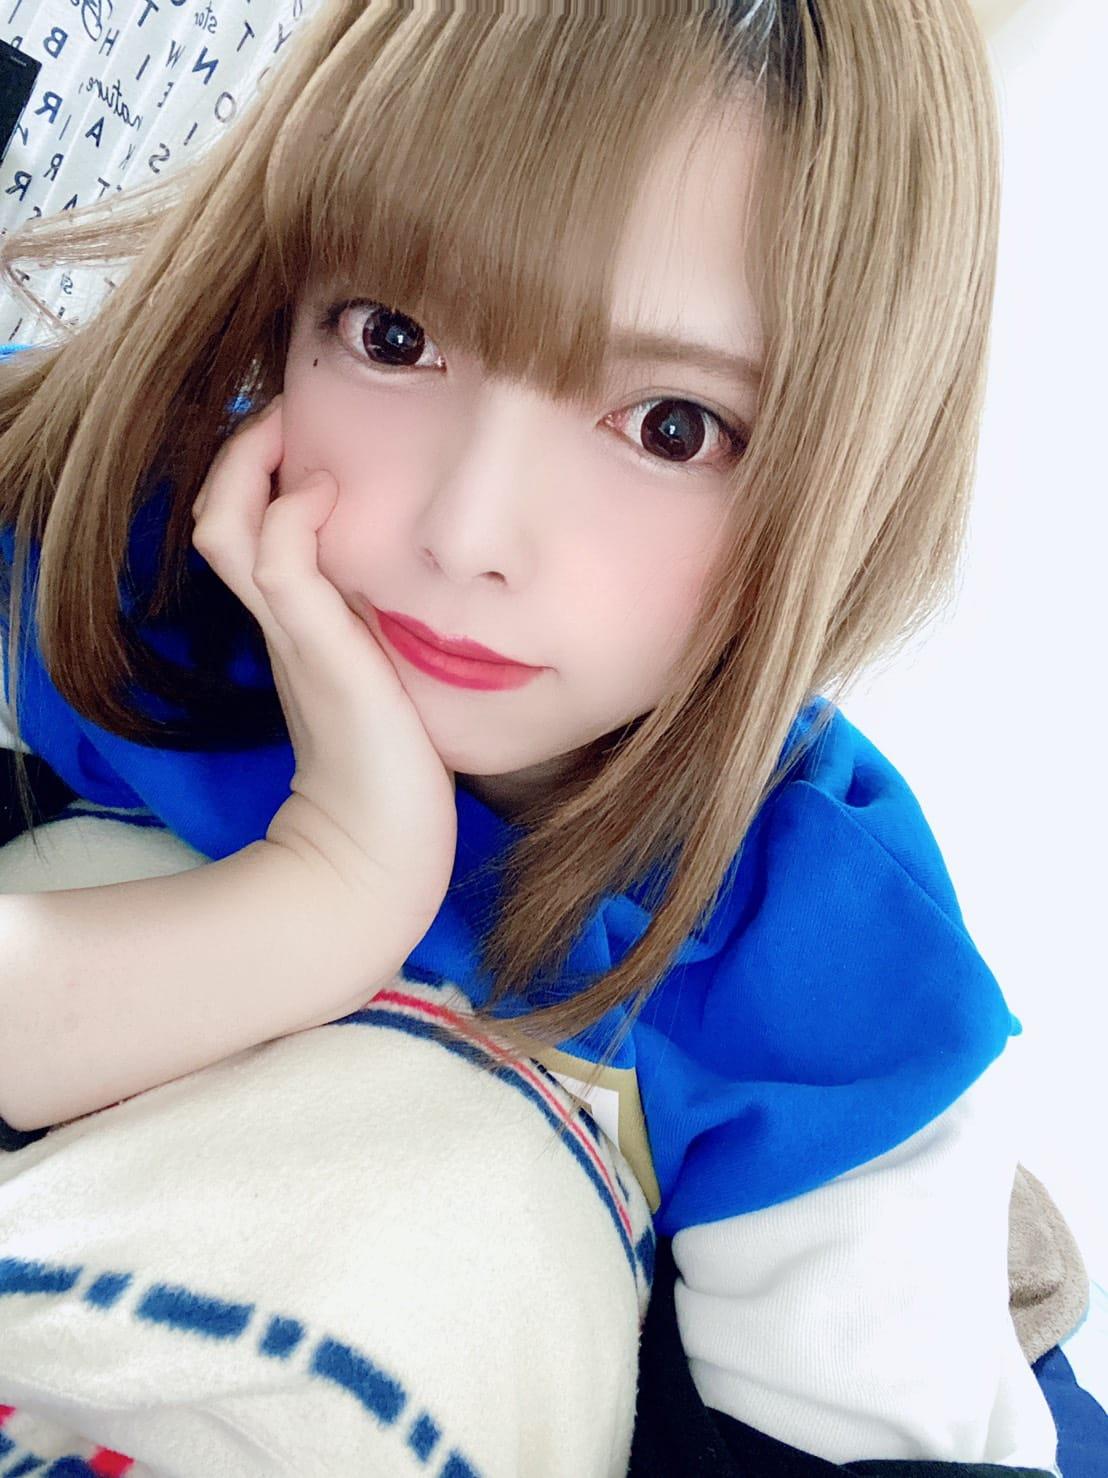 ♡桜咲綾華ちゃん♡:Dolce ~ドルチェ~(新宿高級デリヘル)